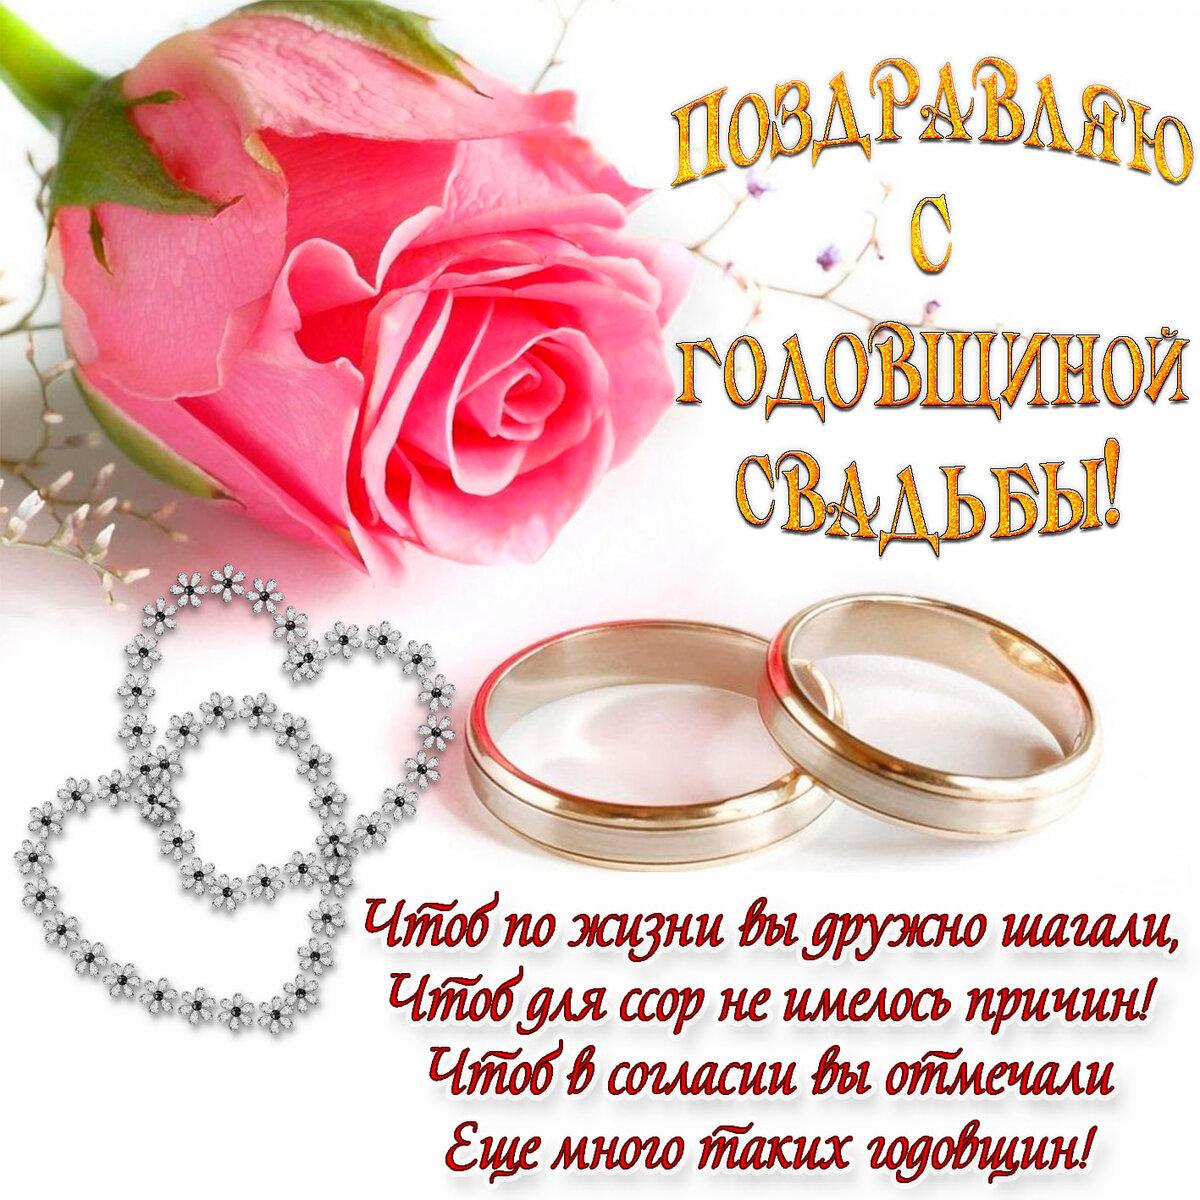 Поздравления с днем годовщины свадьбы своими словами